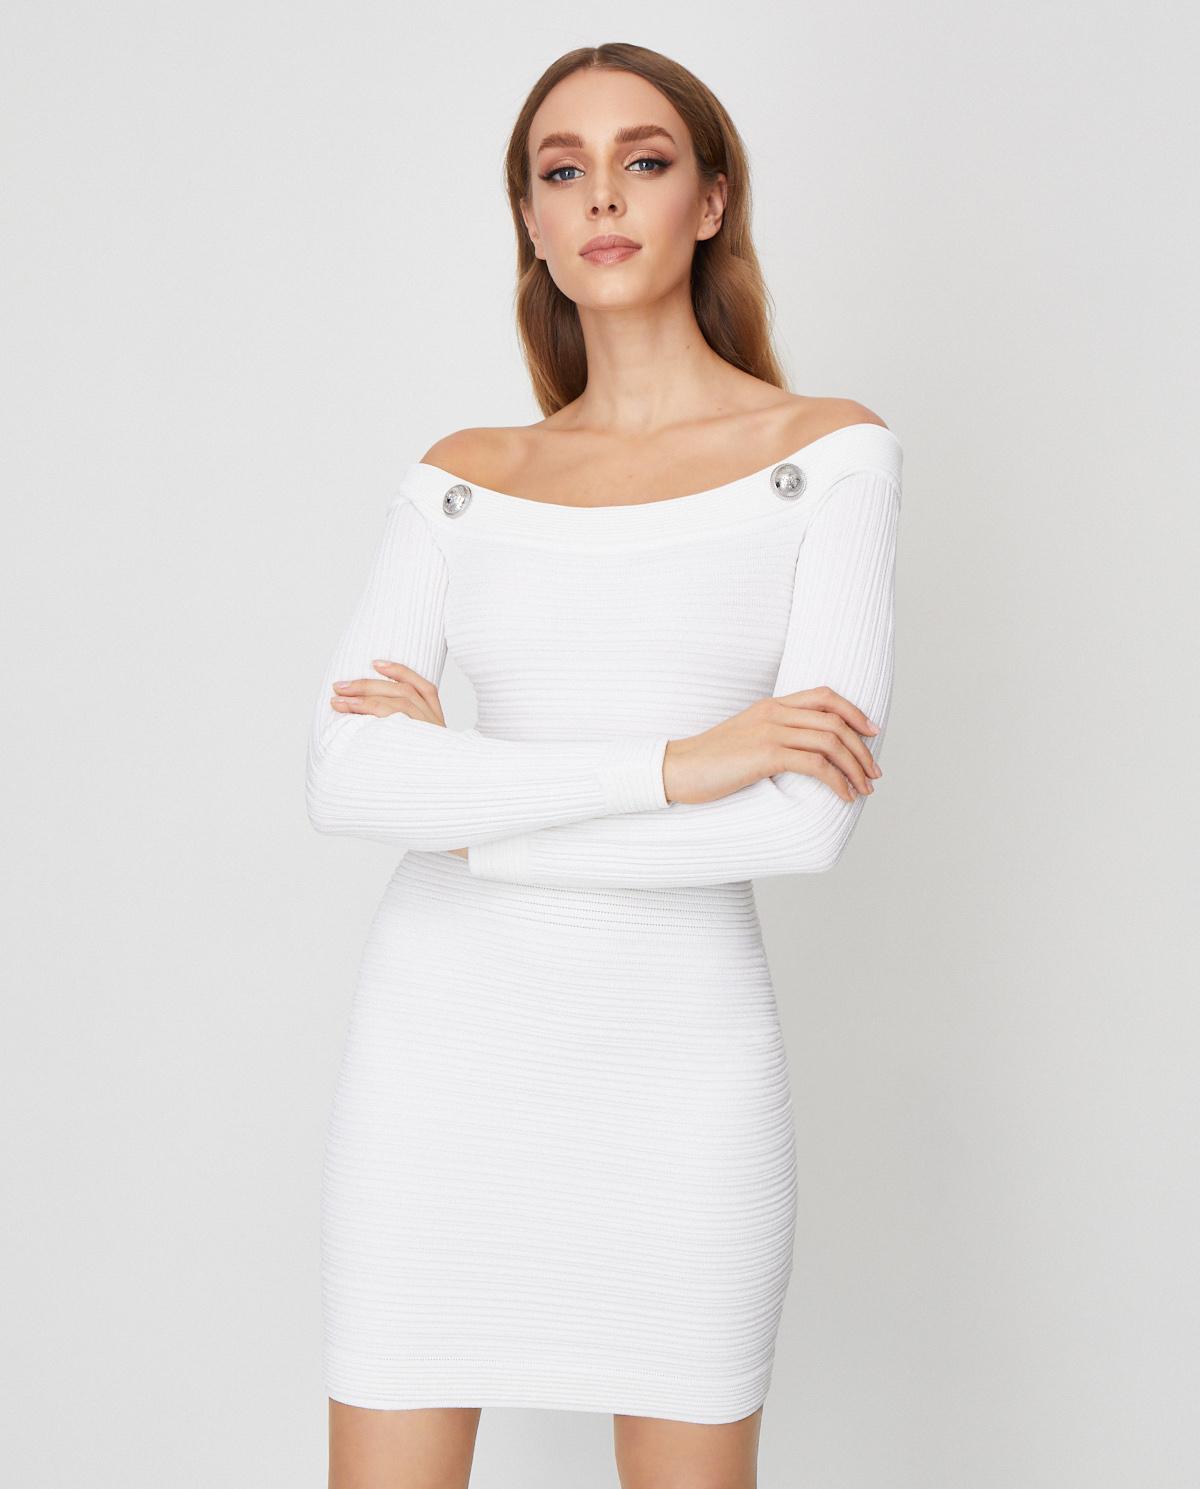 Biała sukienka z odkrytymi ramionami Balmain TF06249K063 0FA